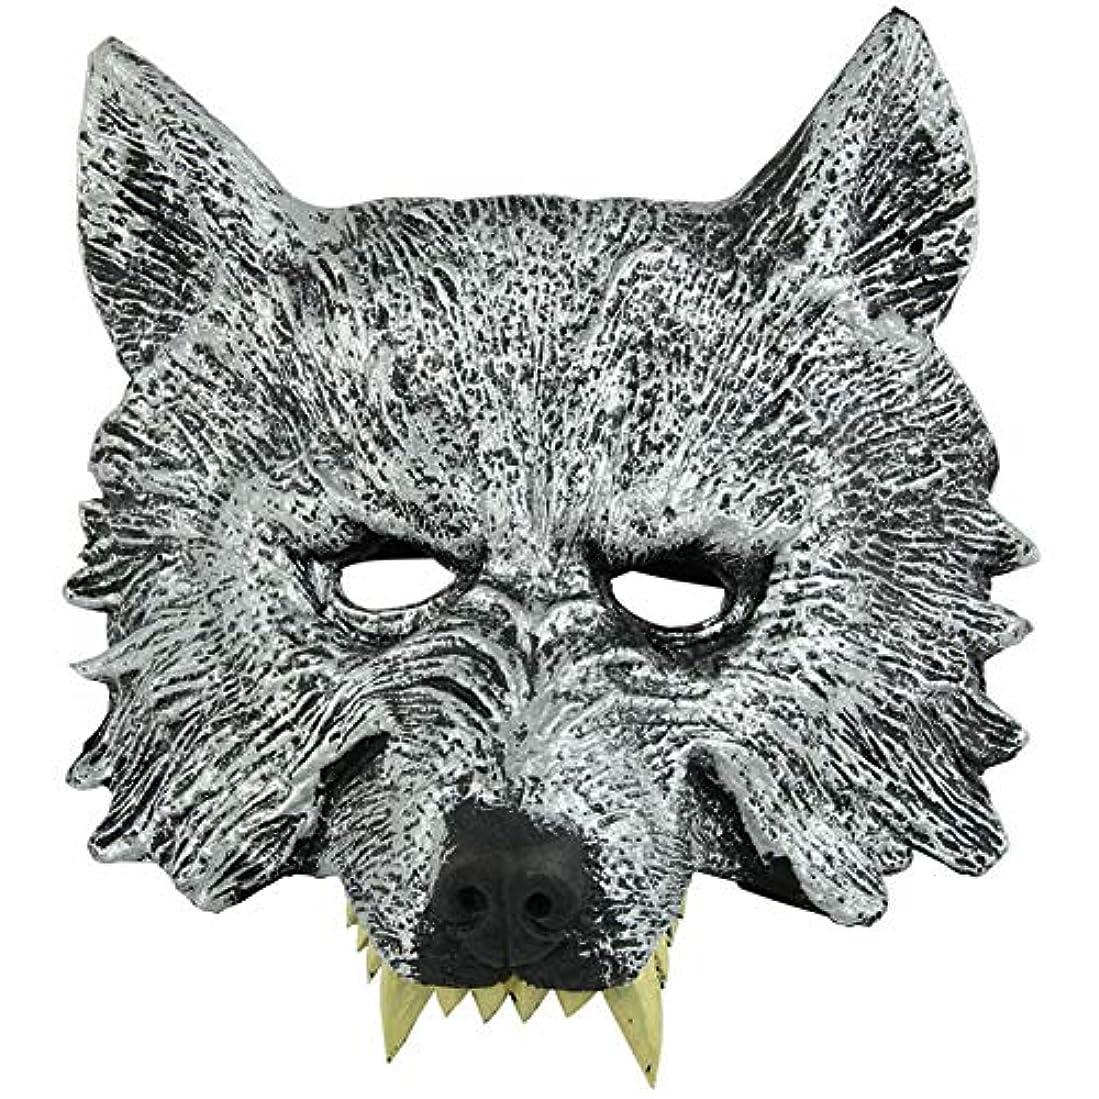 試みるきらめき元気なオオカミヘッドマスク全身小道具ホリデー用品仮面舞踏会マスクハロウィンマスク